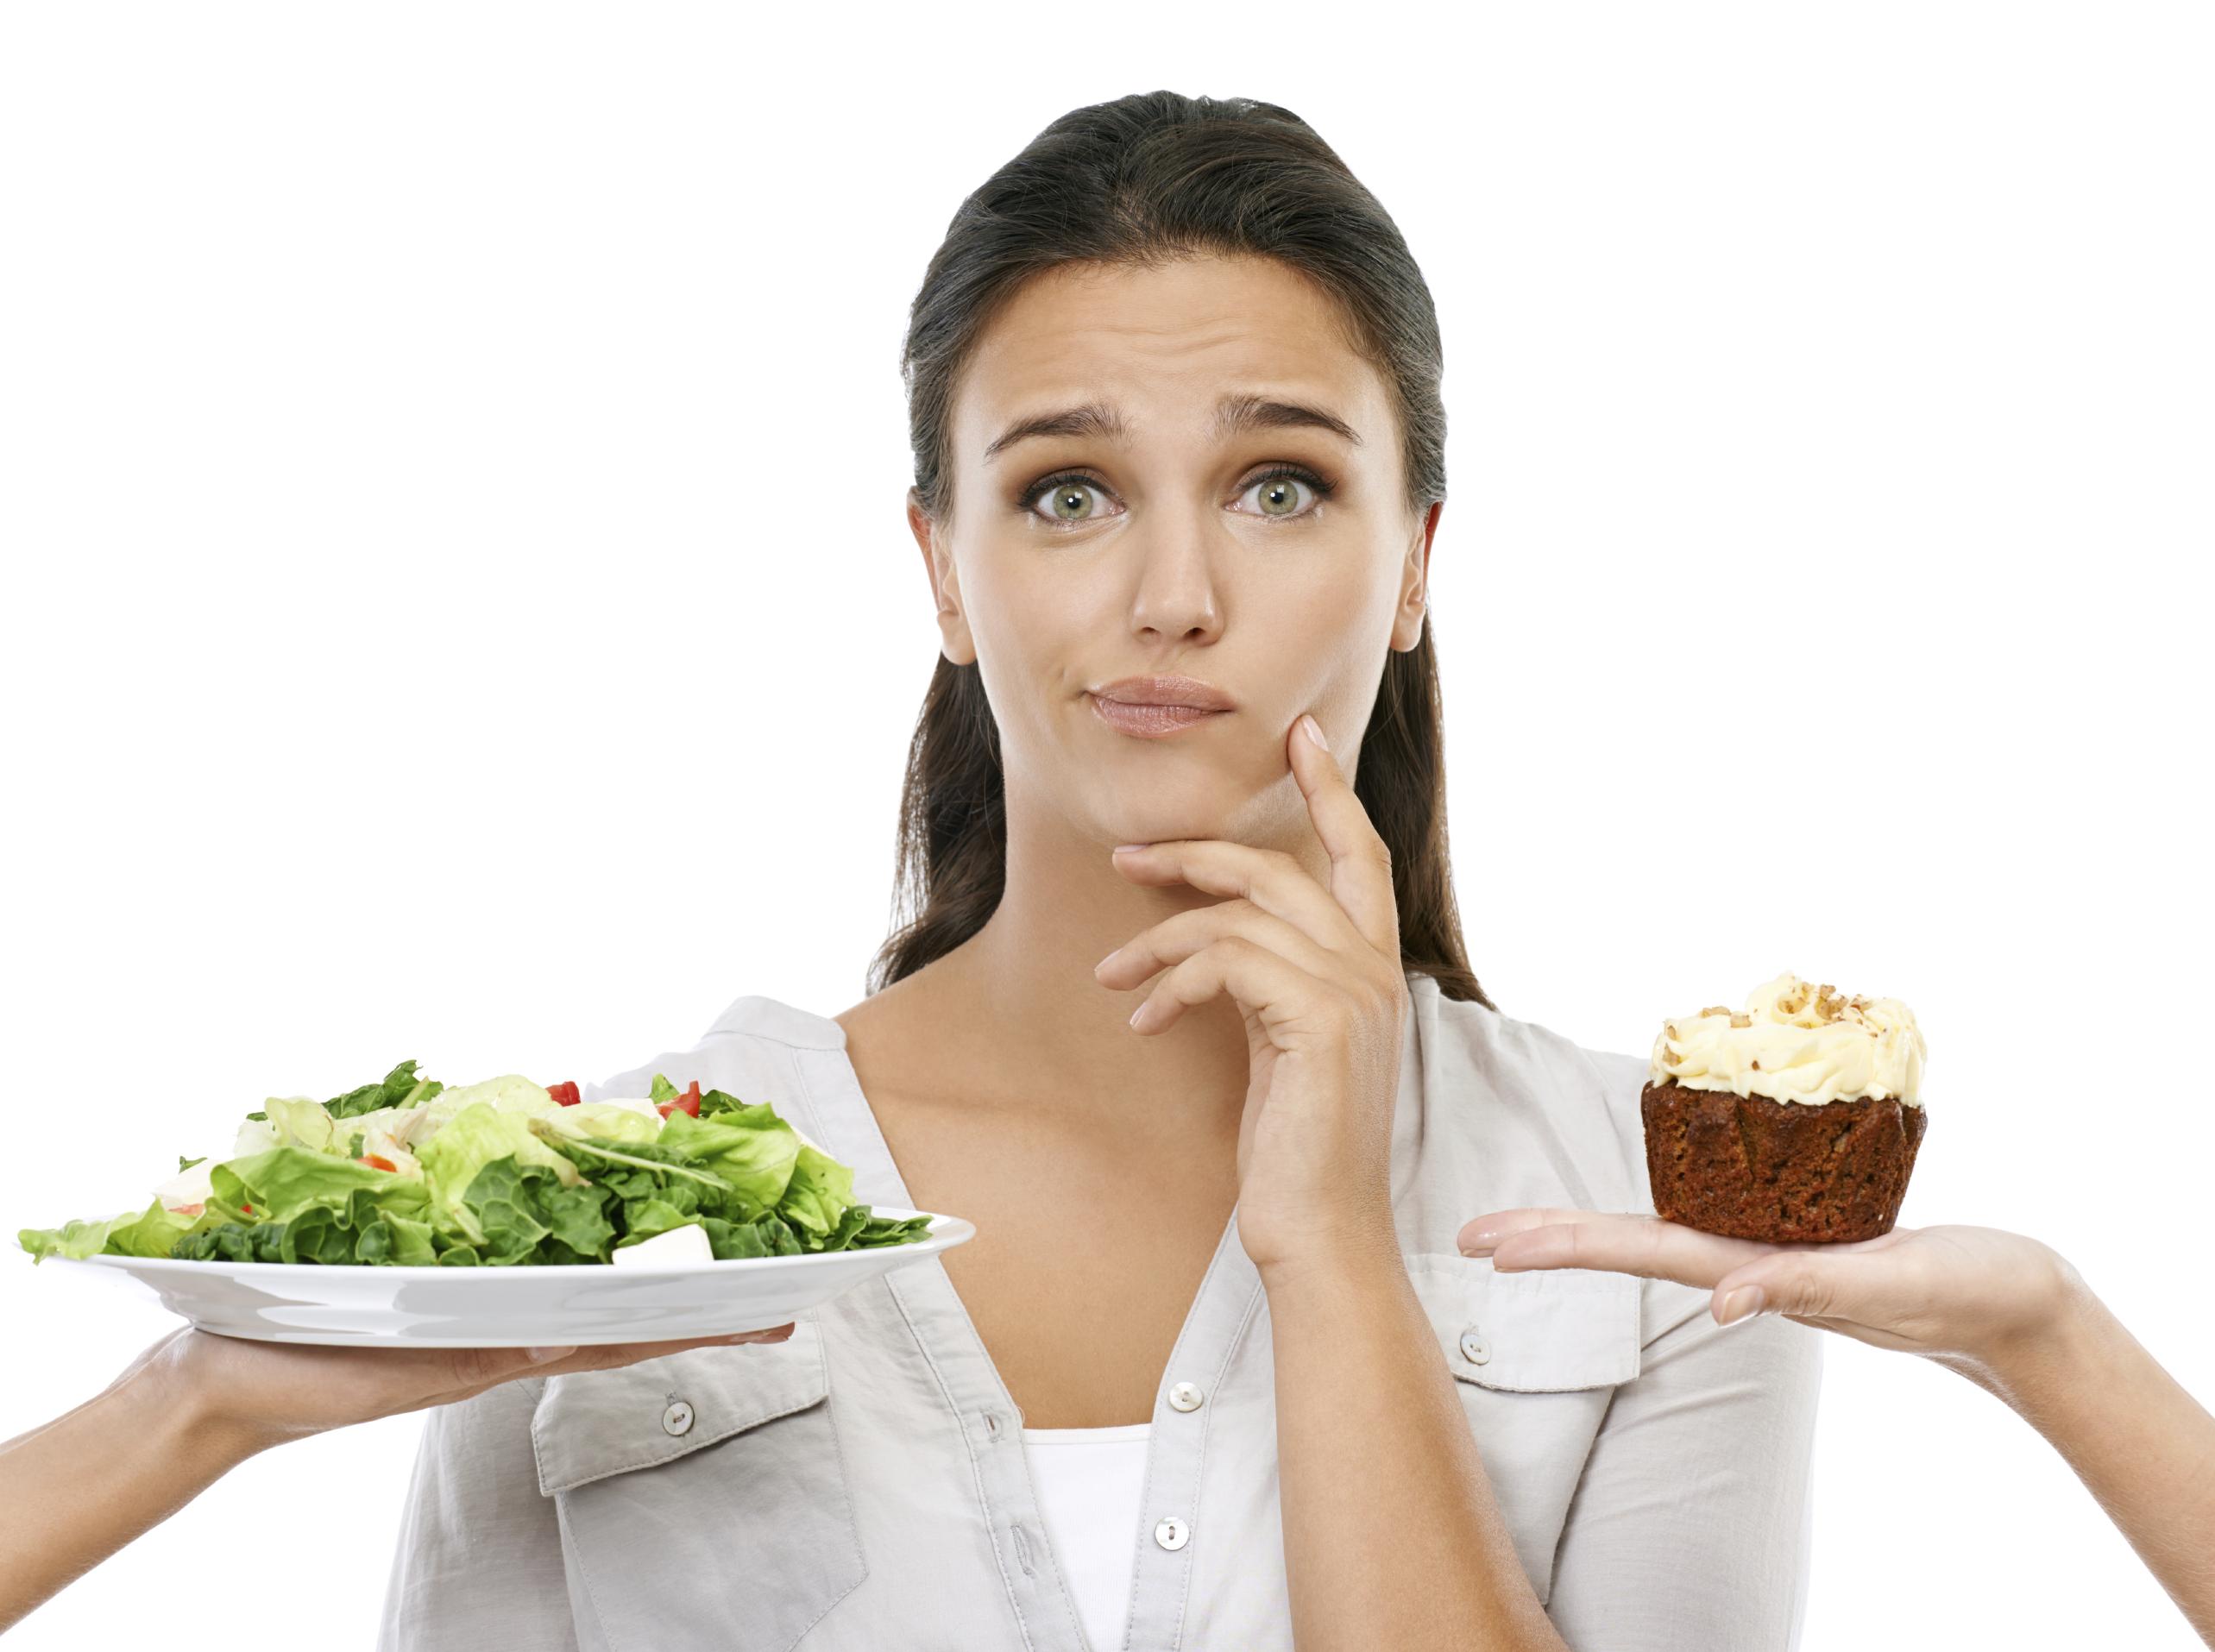 étel magas vérnyomásban szenvedőknek)